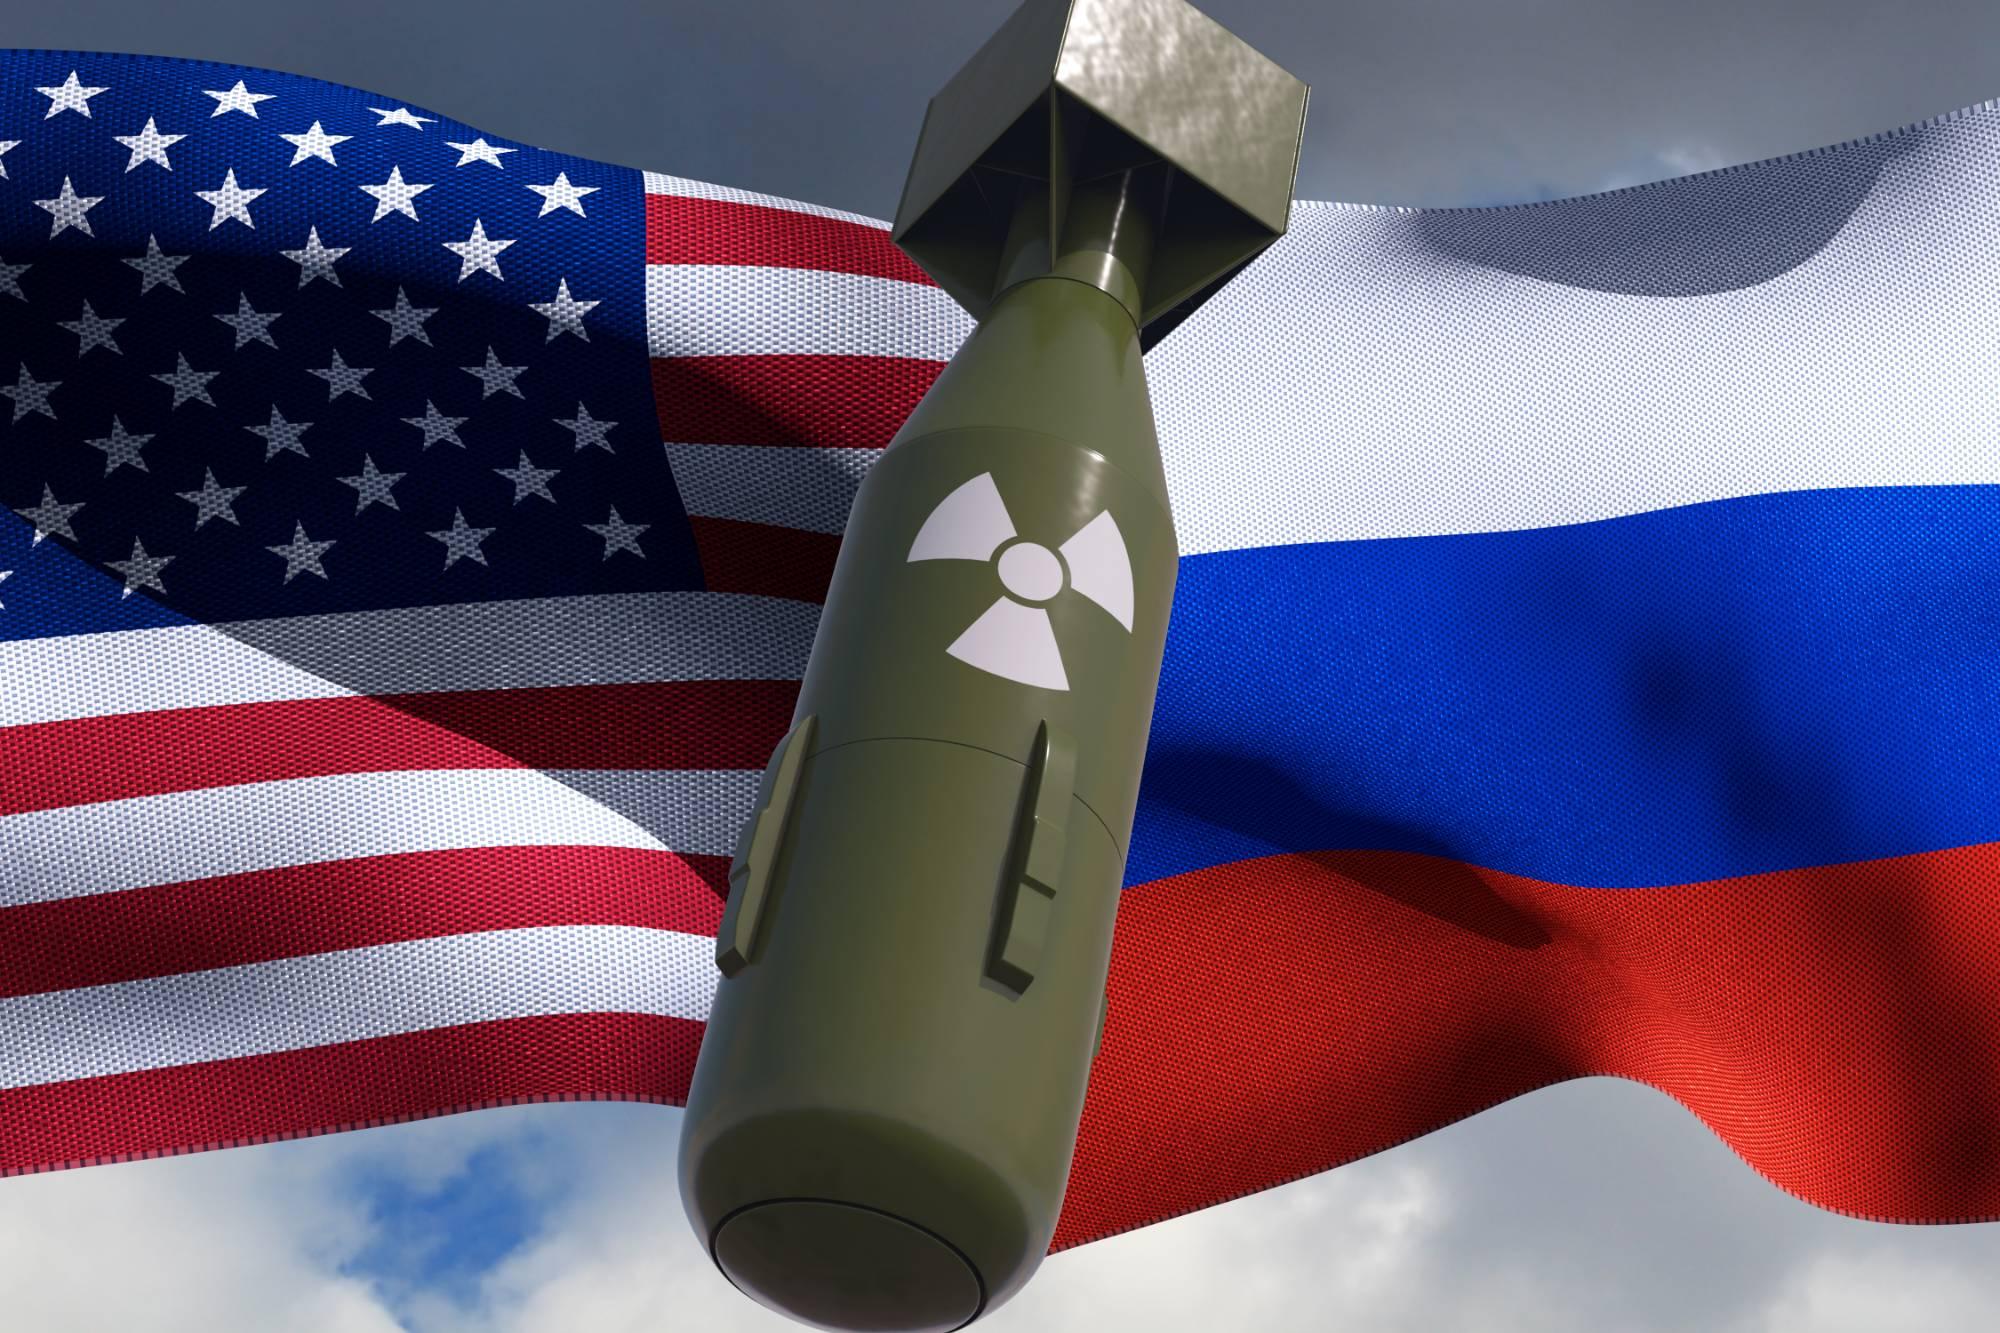 $1,5 трлн или сценарий ядерной войны: для чего Америка взяла на мушку Россию и Китай